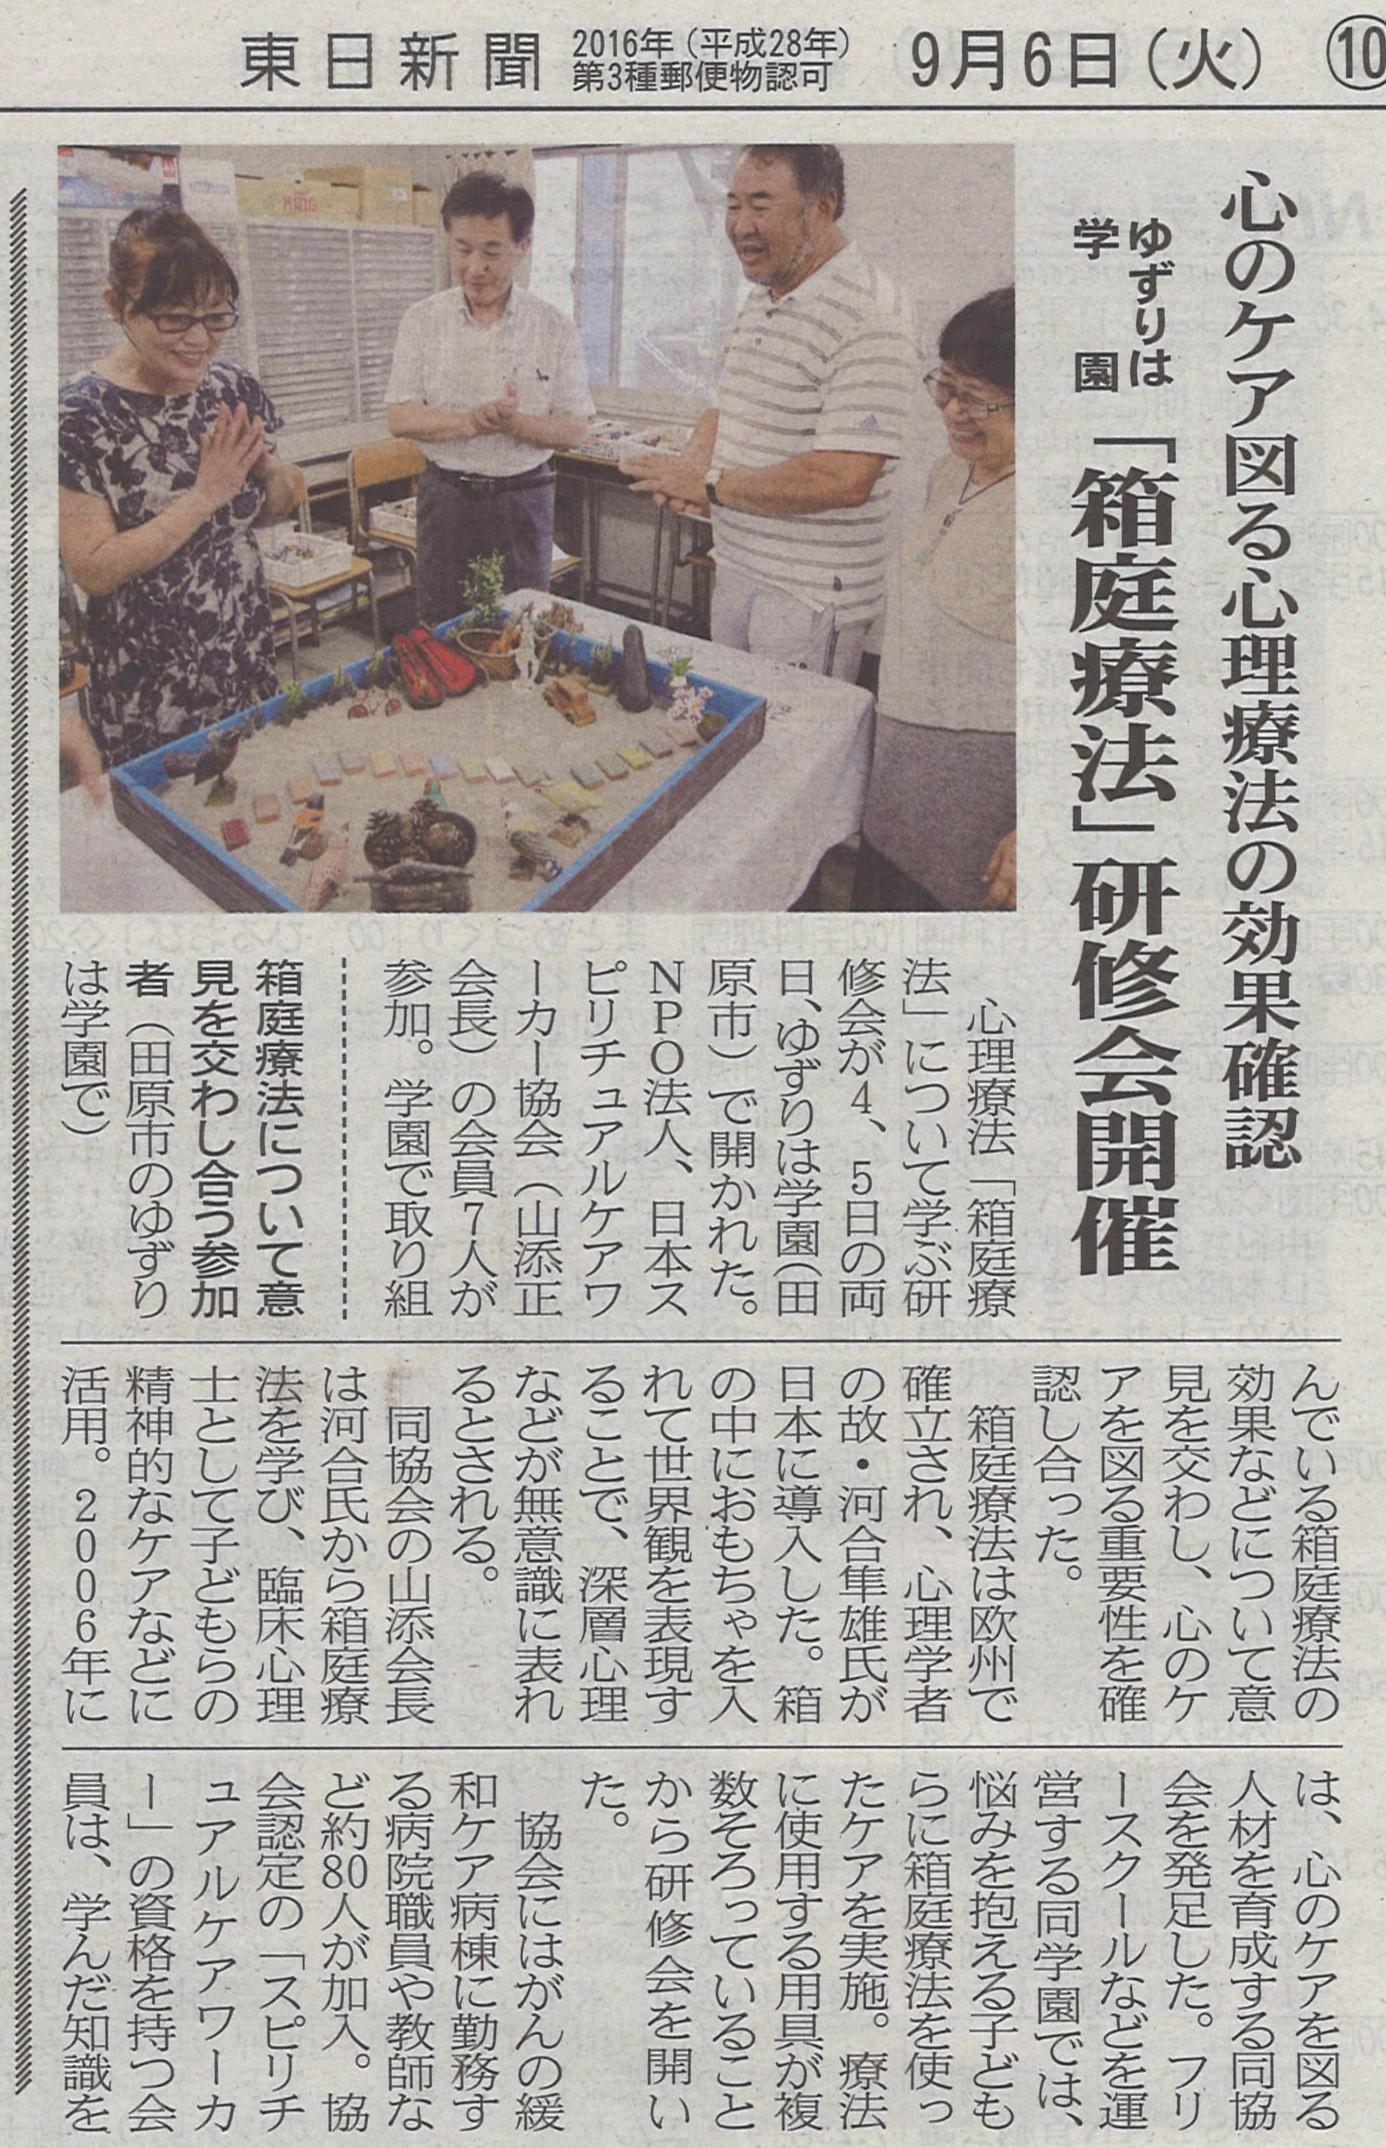 039_東日新聞新聞掲載「ゆずりは学園「箱庭療法」研修会開催」